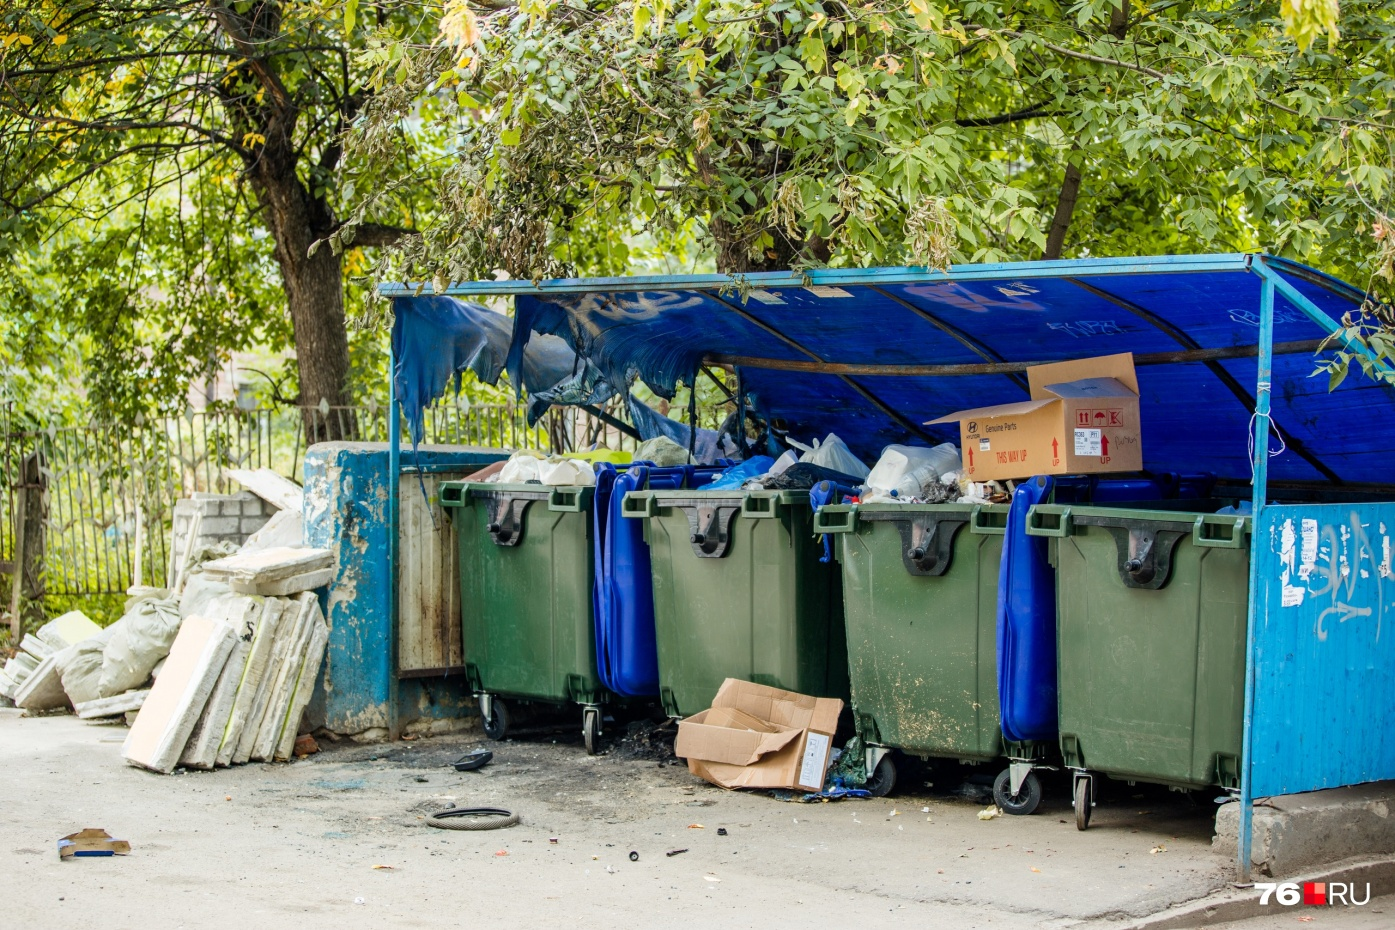 Новые тарифы: 95 рублей (против 75 рублей) — в многоквартирных домах, 108 рублей (против 85 рублей) — с человека в частном секторе